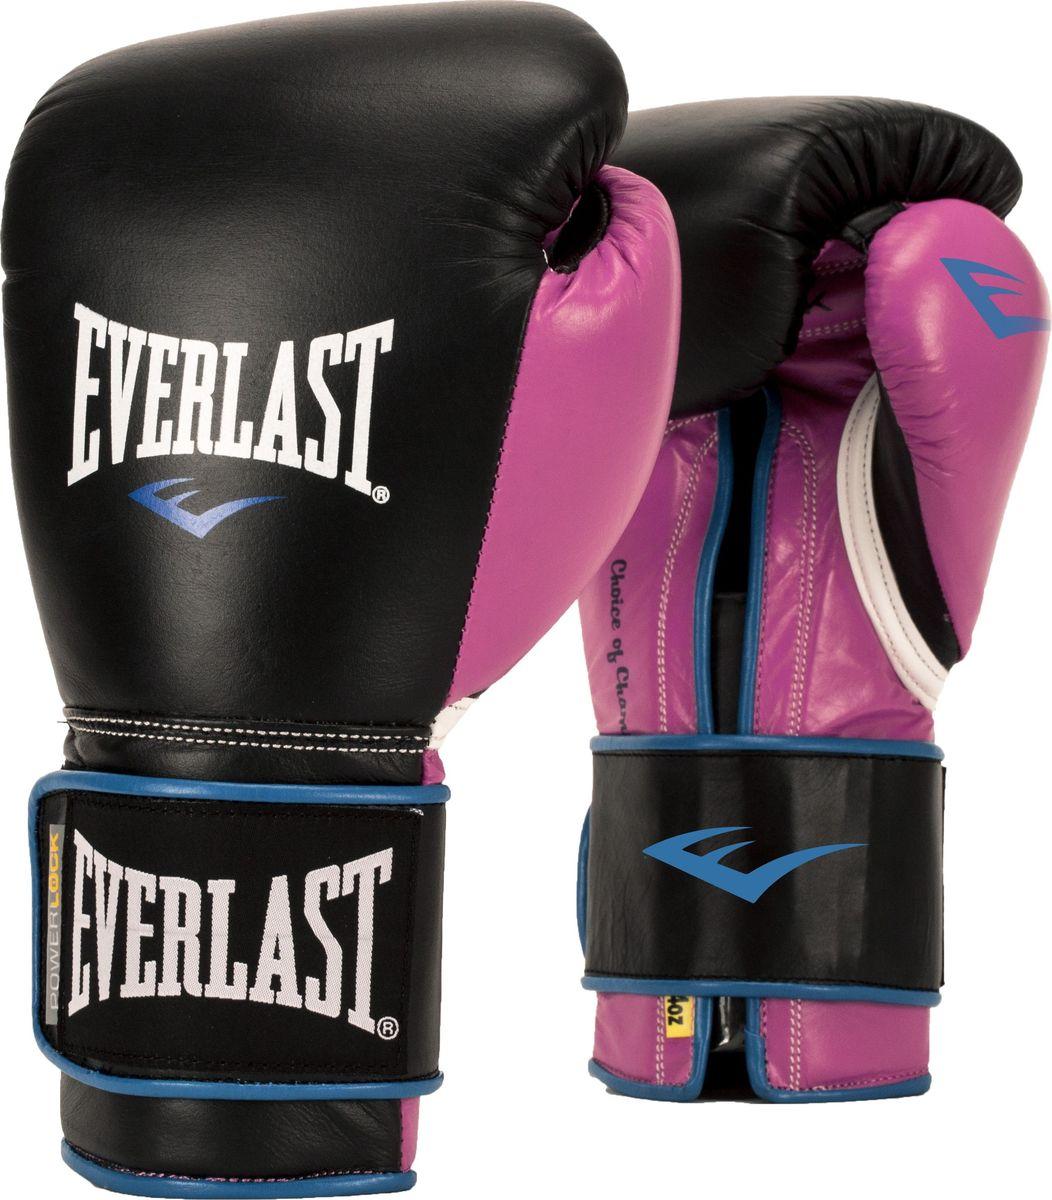 Боксерские перчатки Everlast Powerlock, тренировочные, P00000745-10, черный, розовый, вес 10 унций мультитул powerlock eod black oxide черный sog